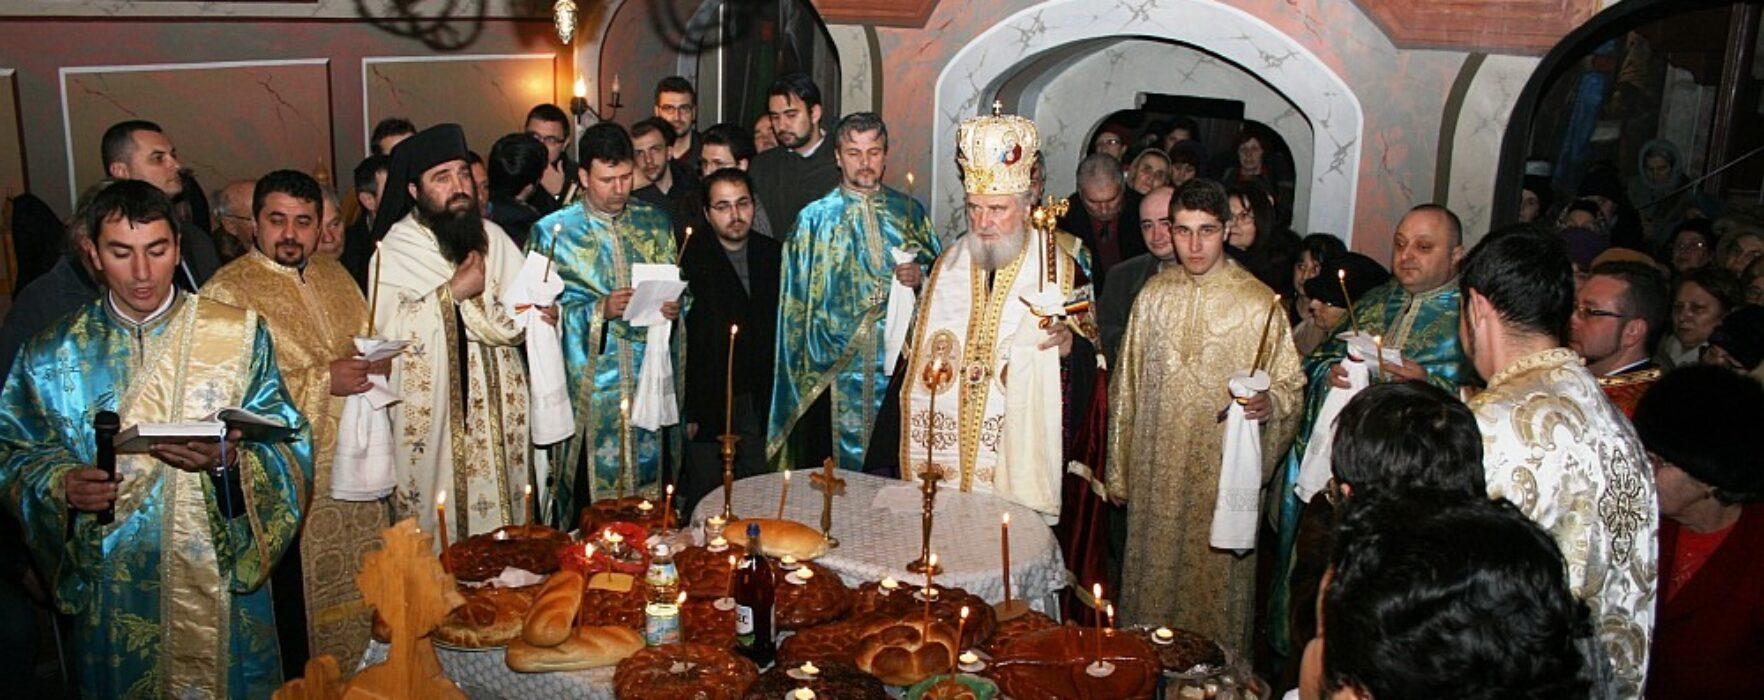 """Arhiepiscopul Târgoviştei – Nifon, la hramul Bisericii """"Sf. Antonie cel Mare"""""""